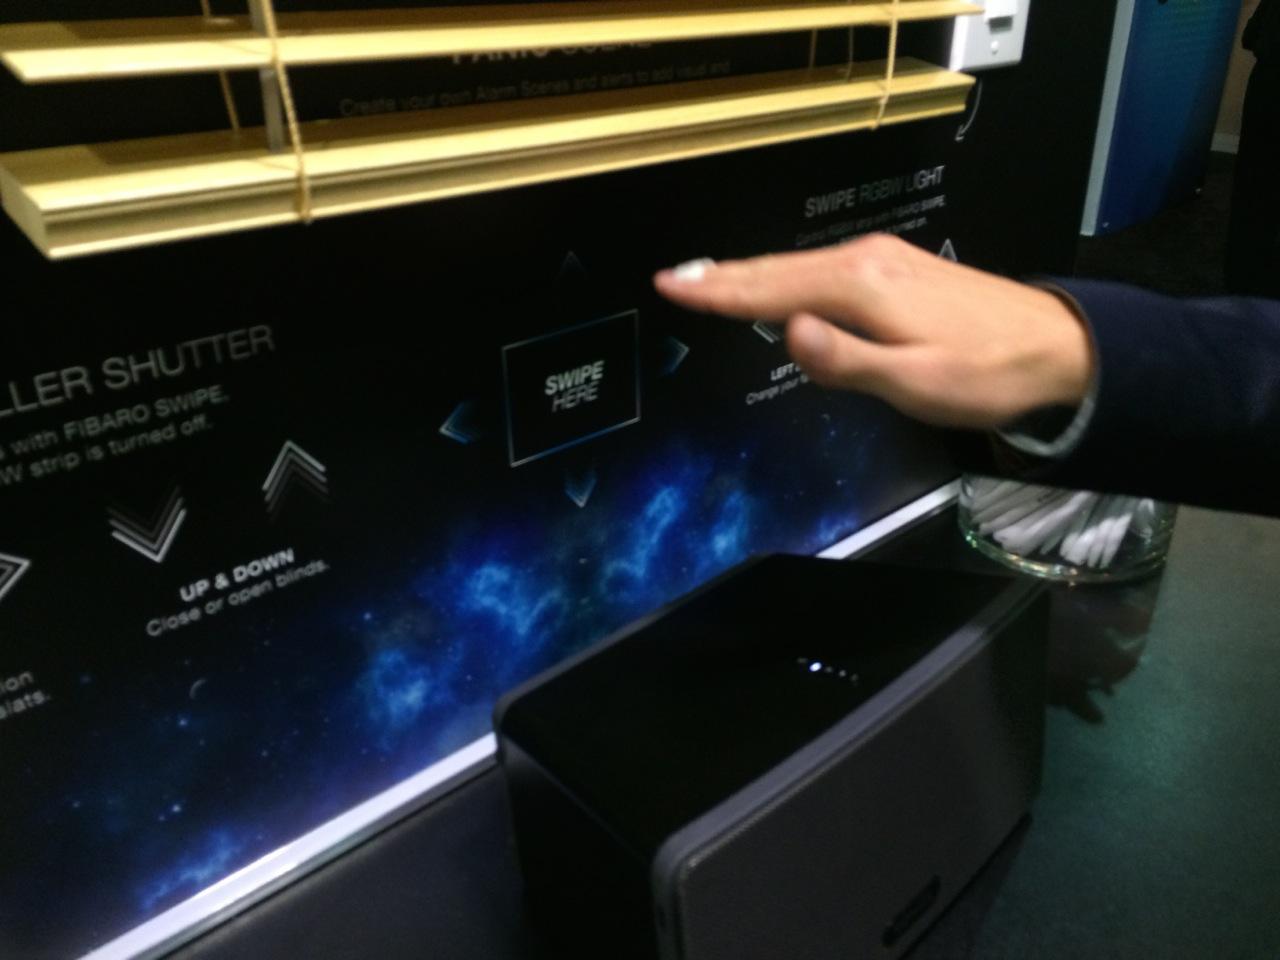 Magical Fibaro Zwave controller